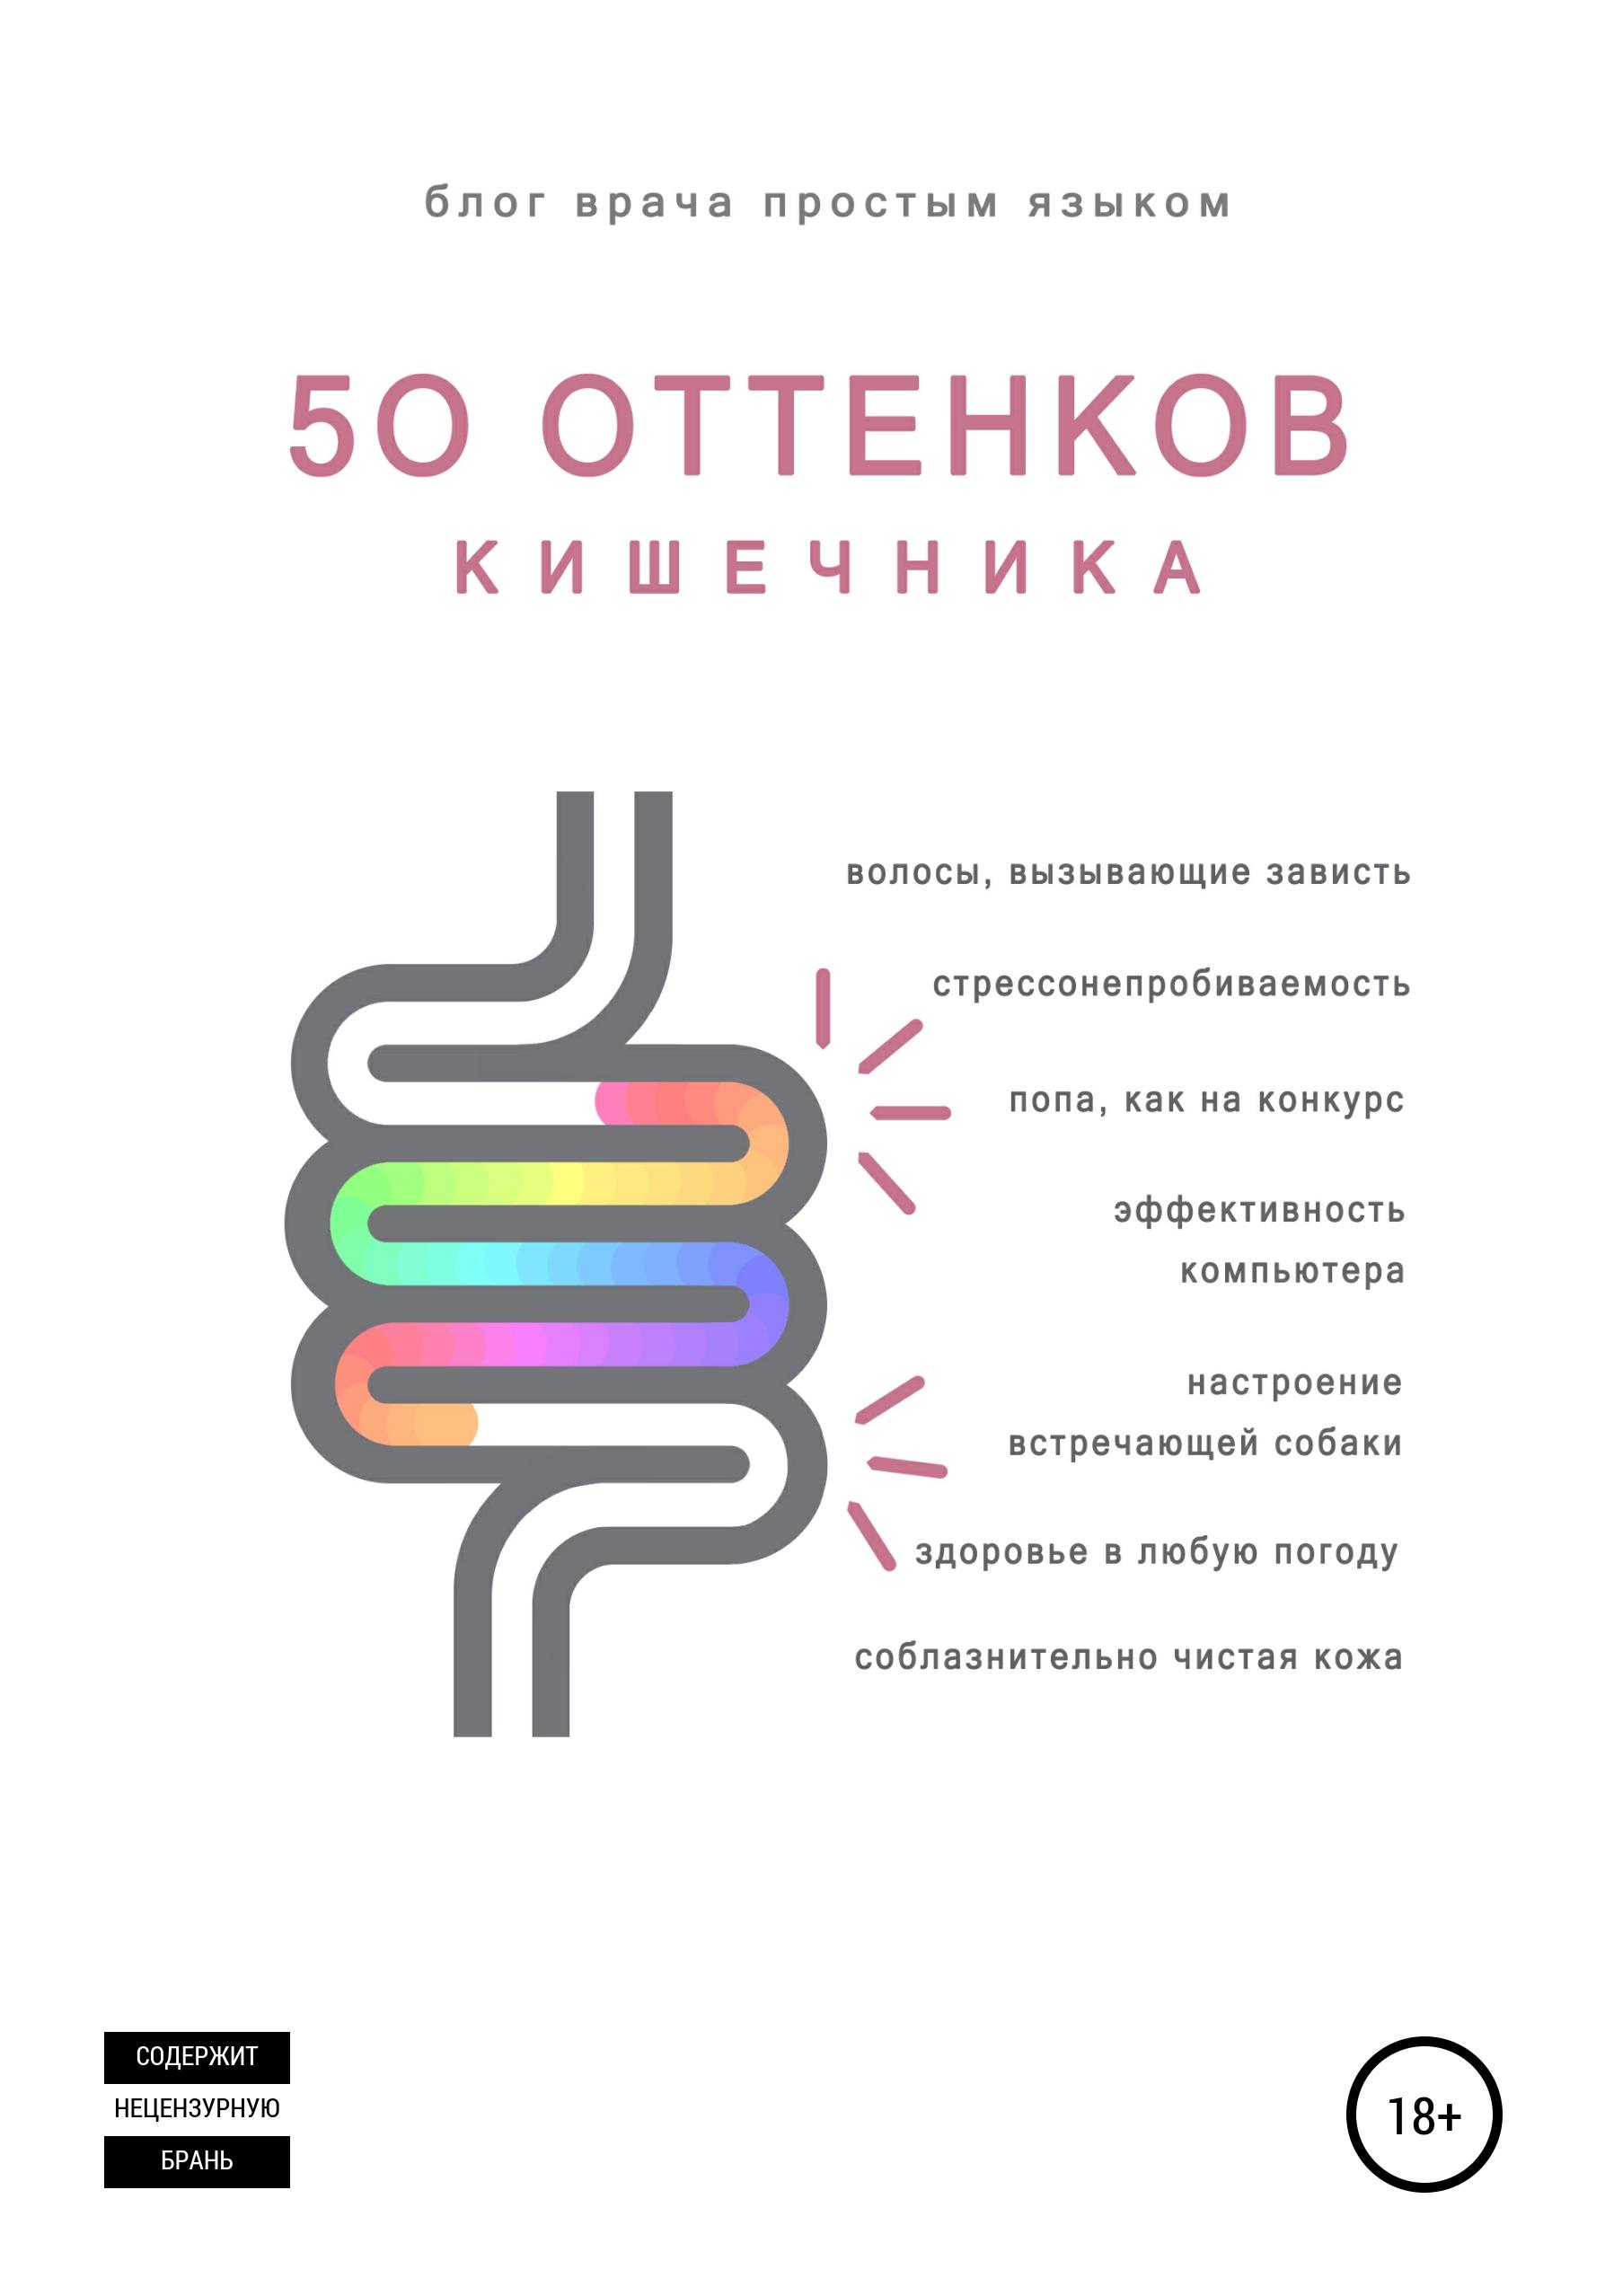 50 оттенков кишечника